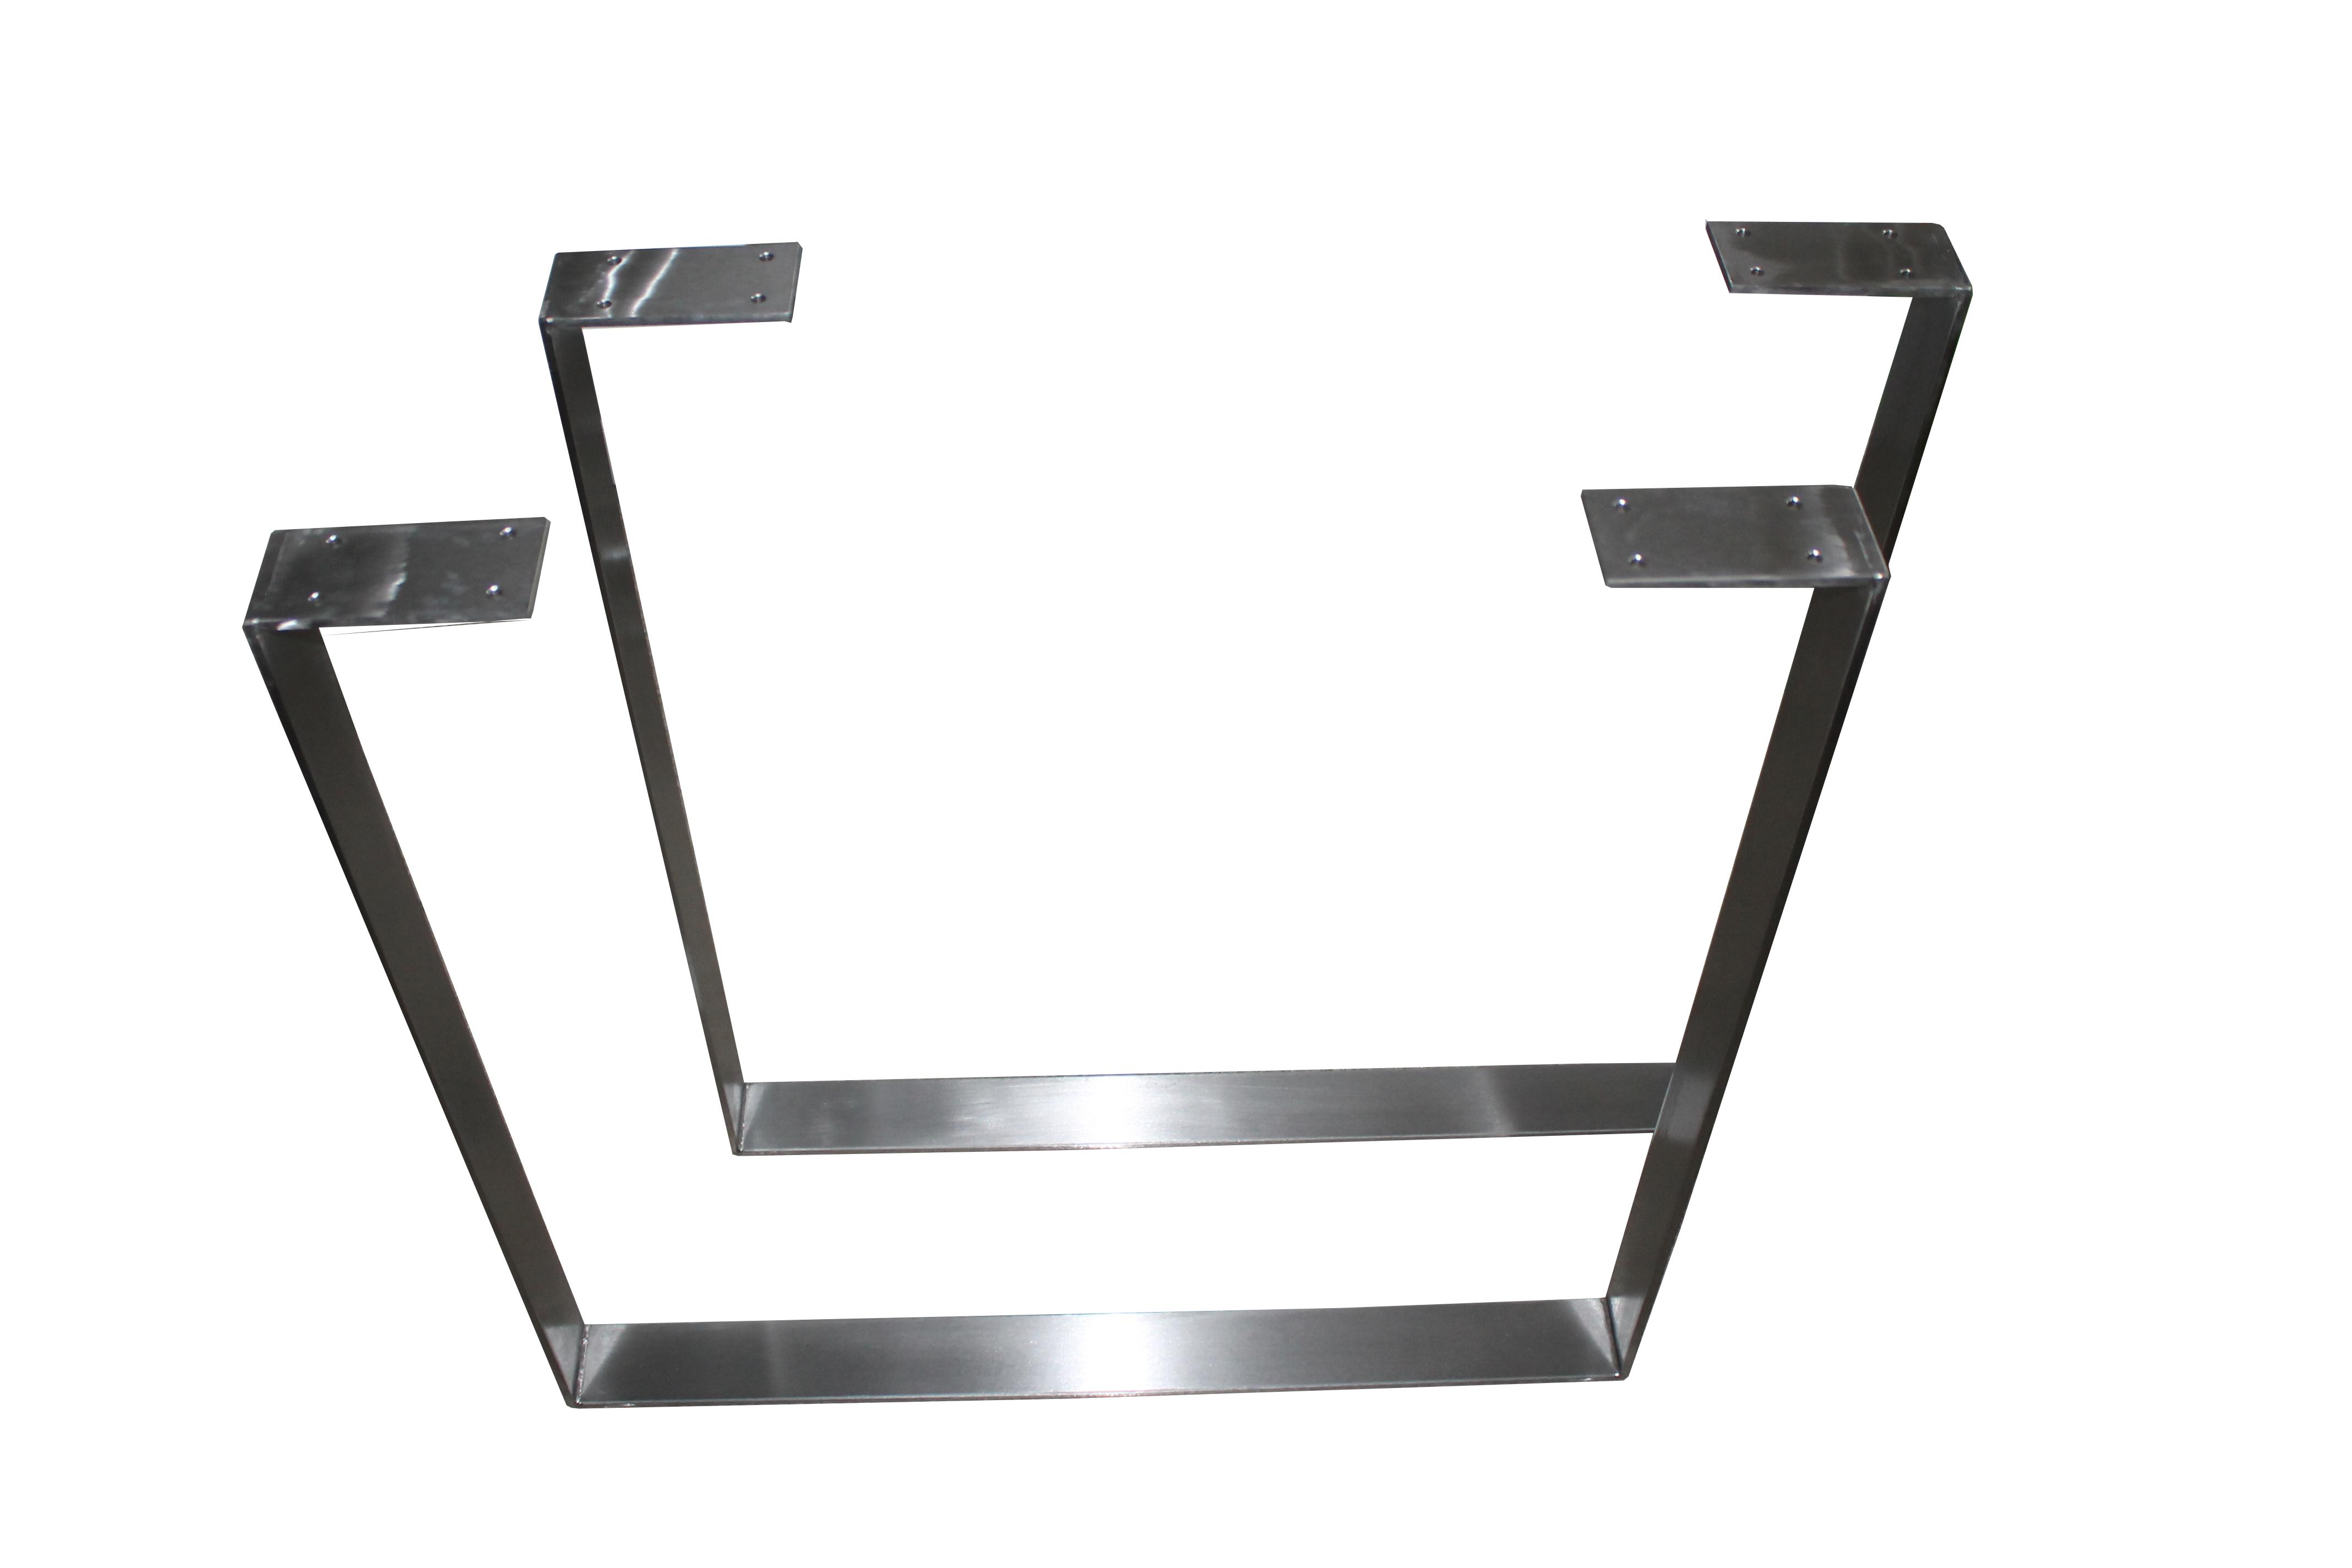 2 Set Design Tischkufen Tischbeine Edelstahl Tischfusse Tischgestell